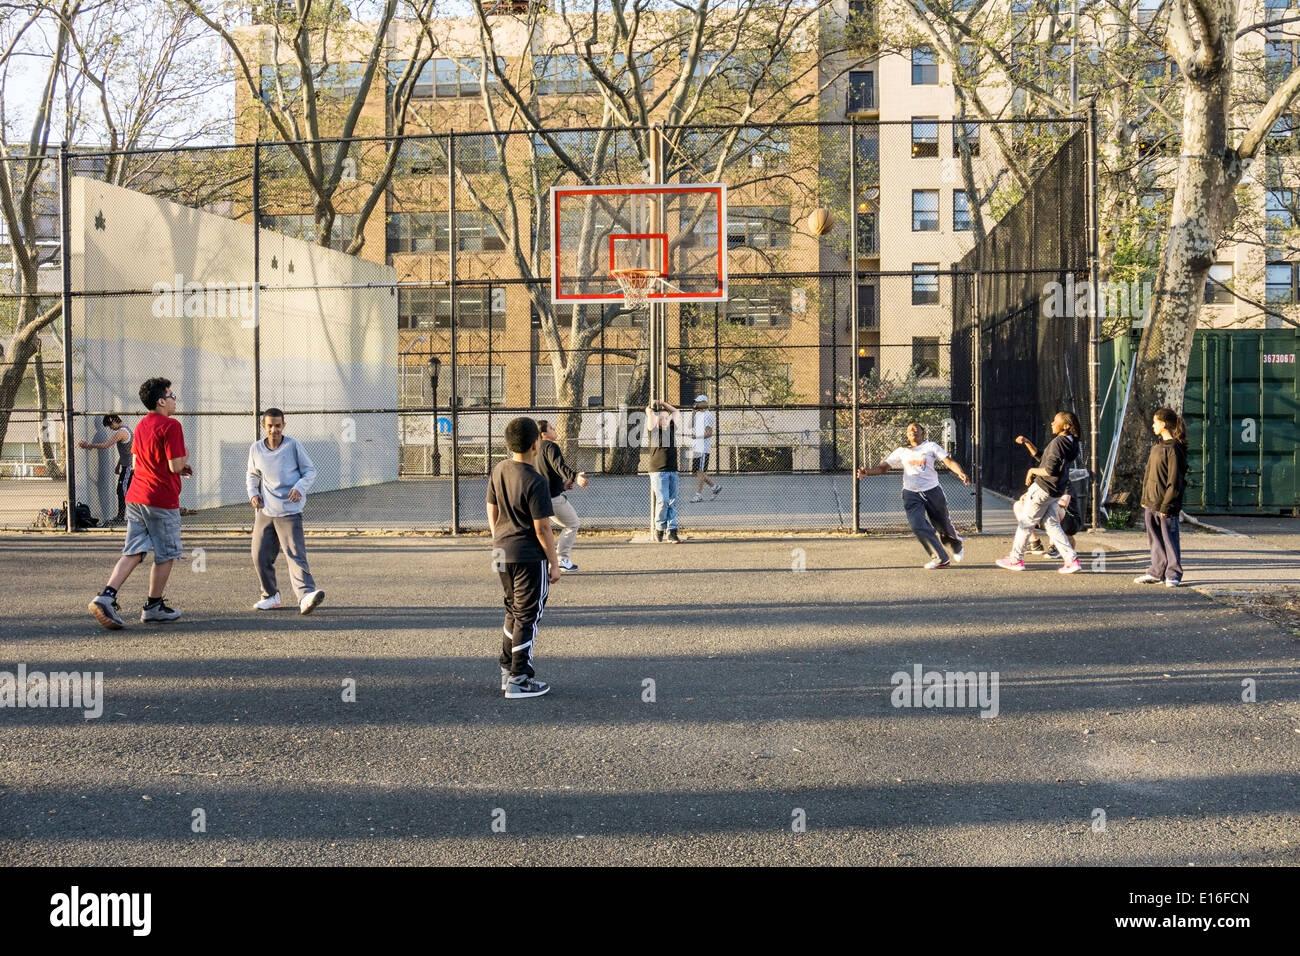 Teen black girl vise pour le panier dans un bon natured unisex street jeu de basket-ball dans DeWitt Clinton park Hells Kitchen Photo Stock